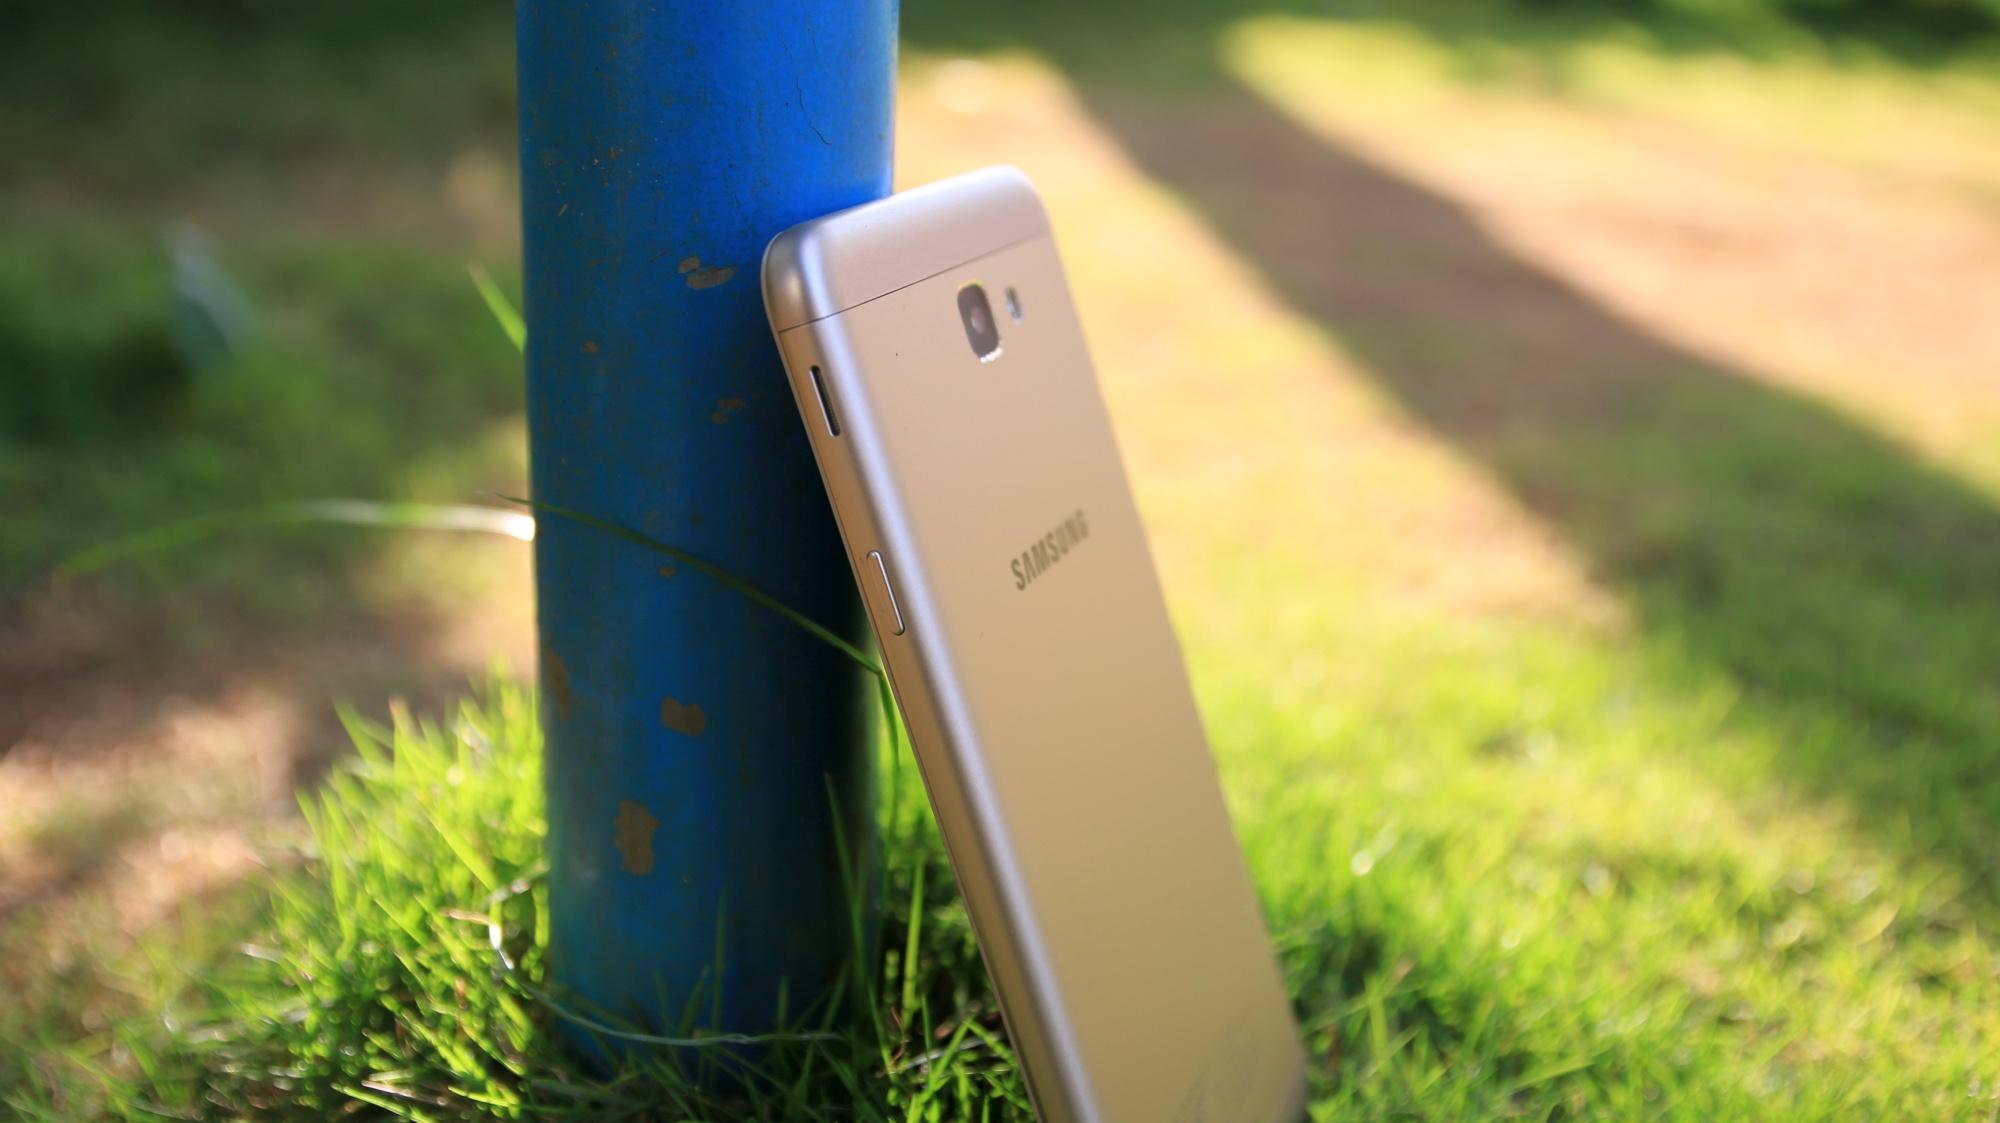 Galaxy-j7-prime-review-7